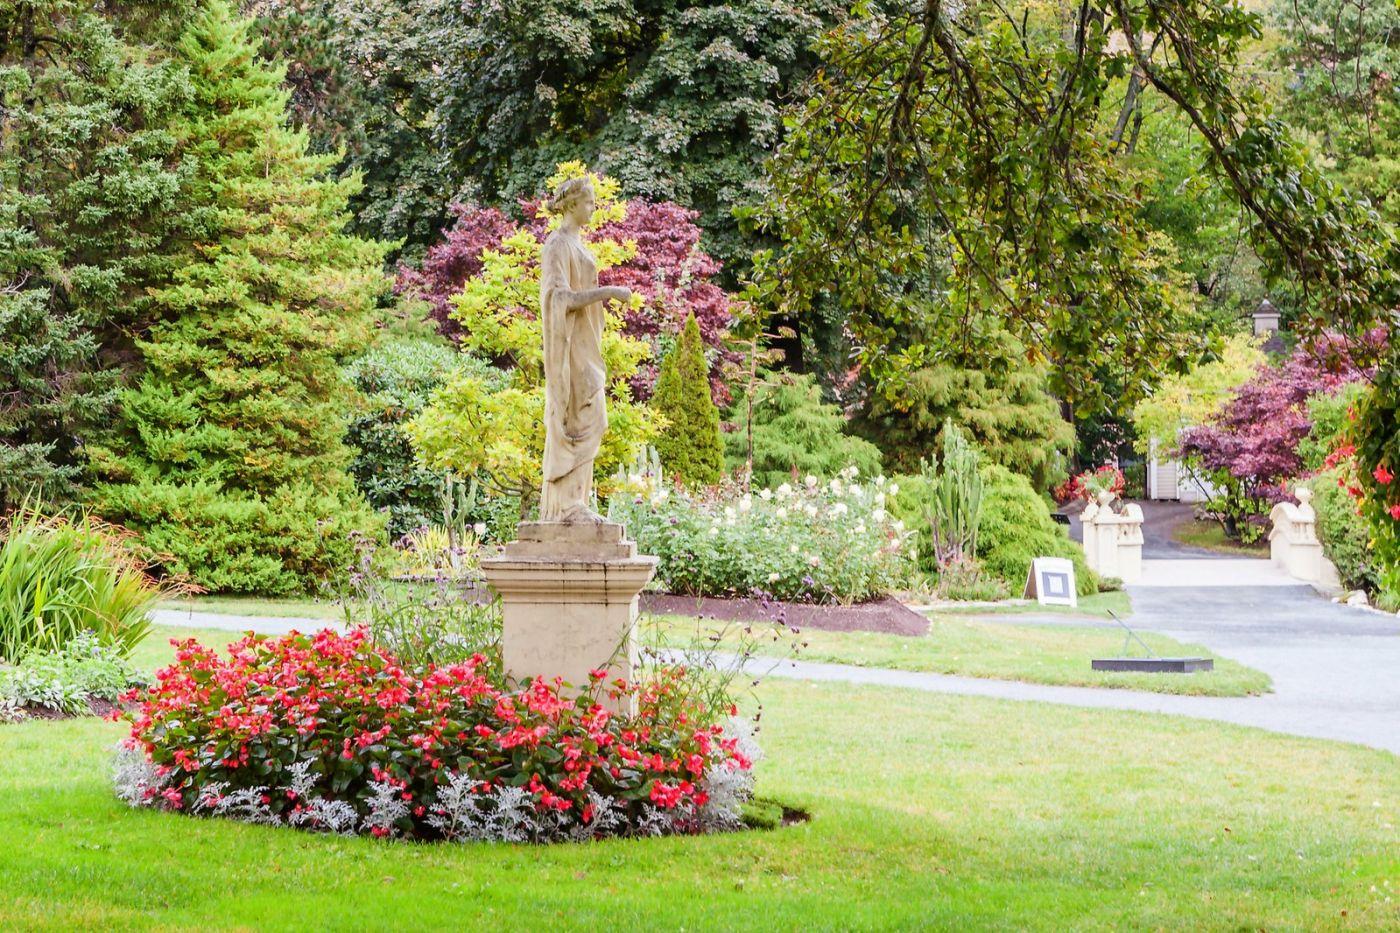 加拿大哈利法克斯(Halifax)公共花园,漂亮的花亭_图1-9